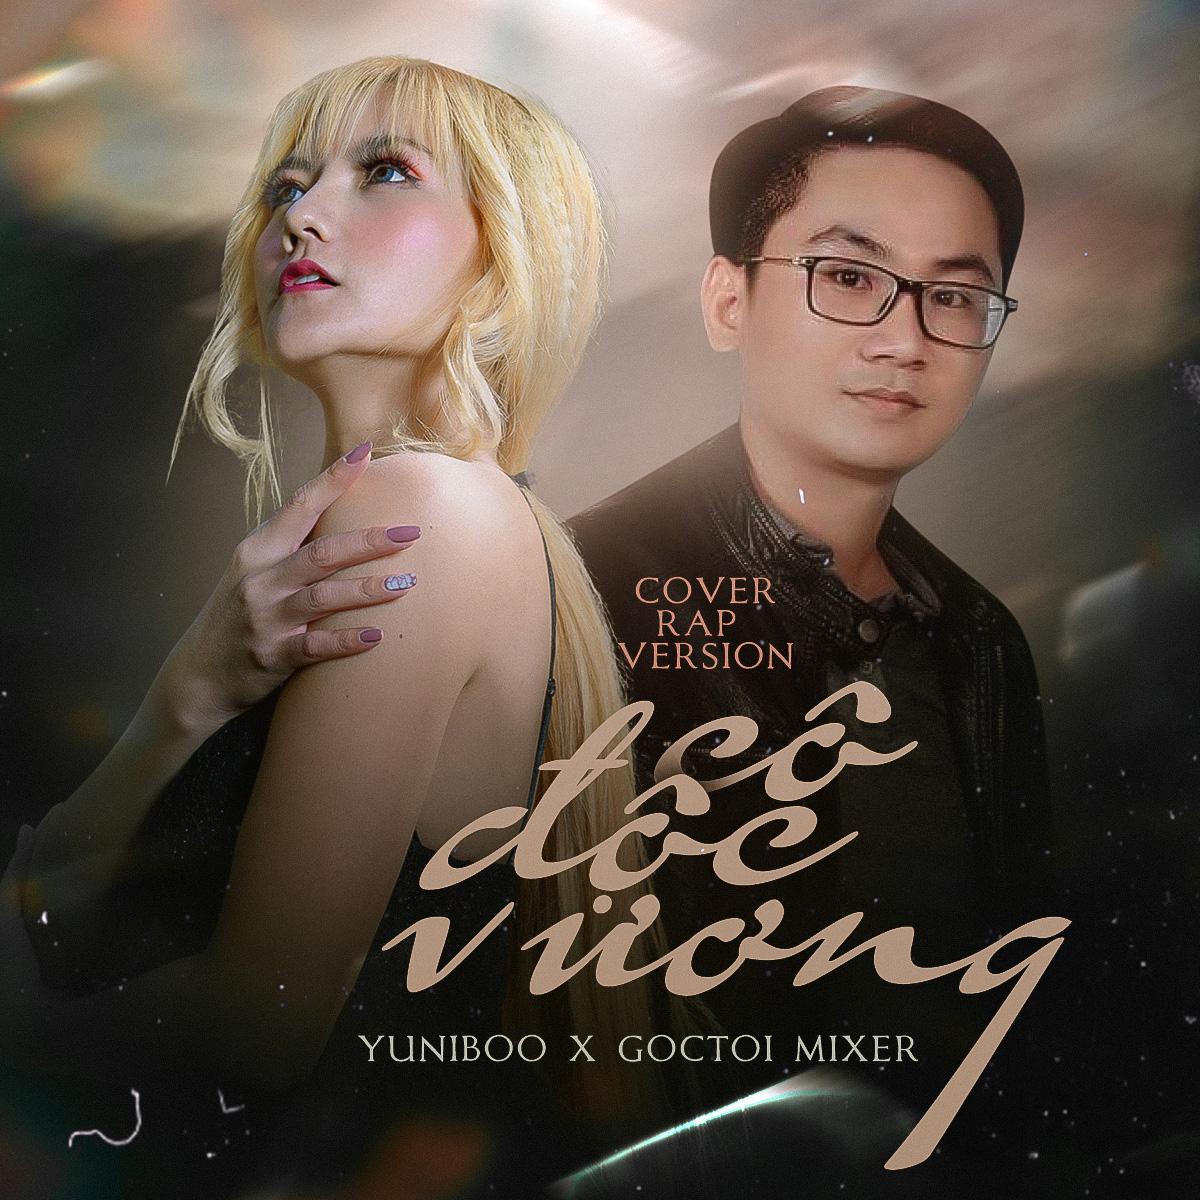 Cô Độc Vương (Rap Cover Version)